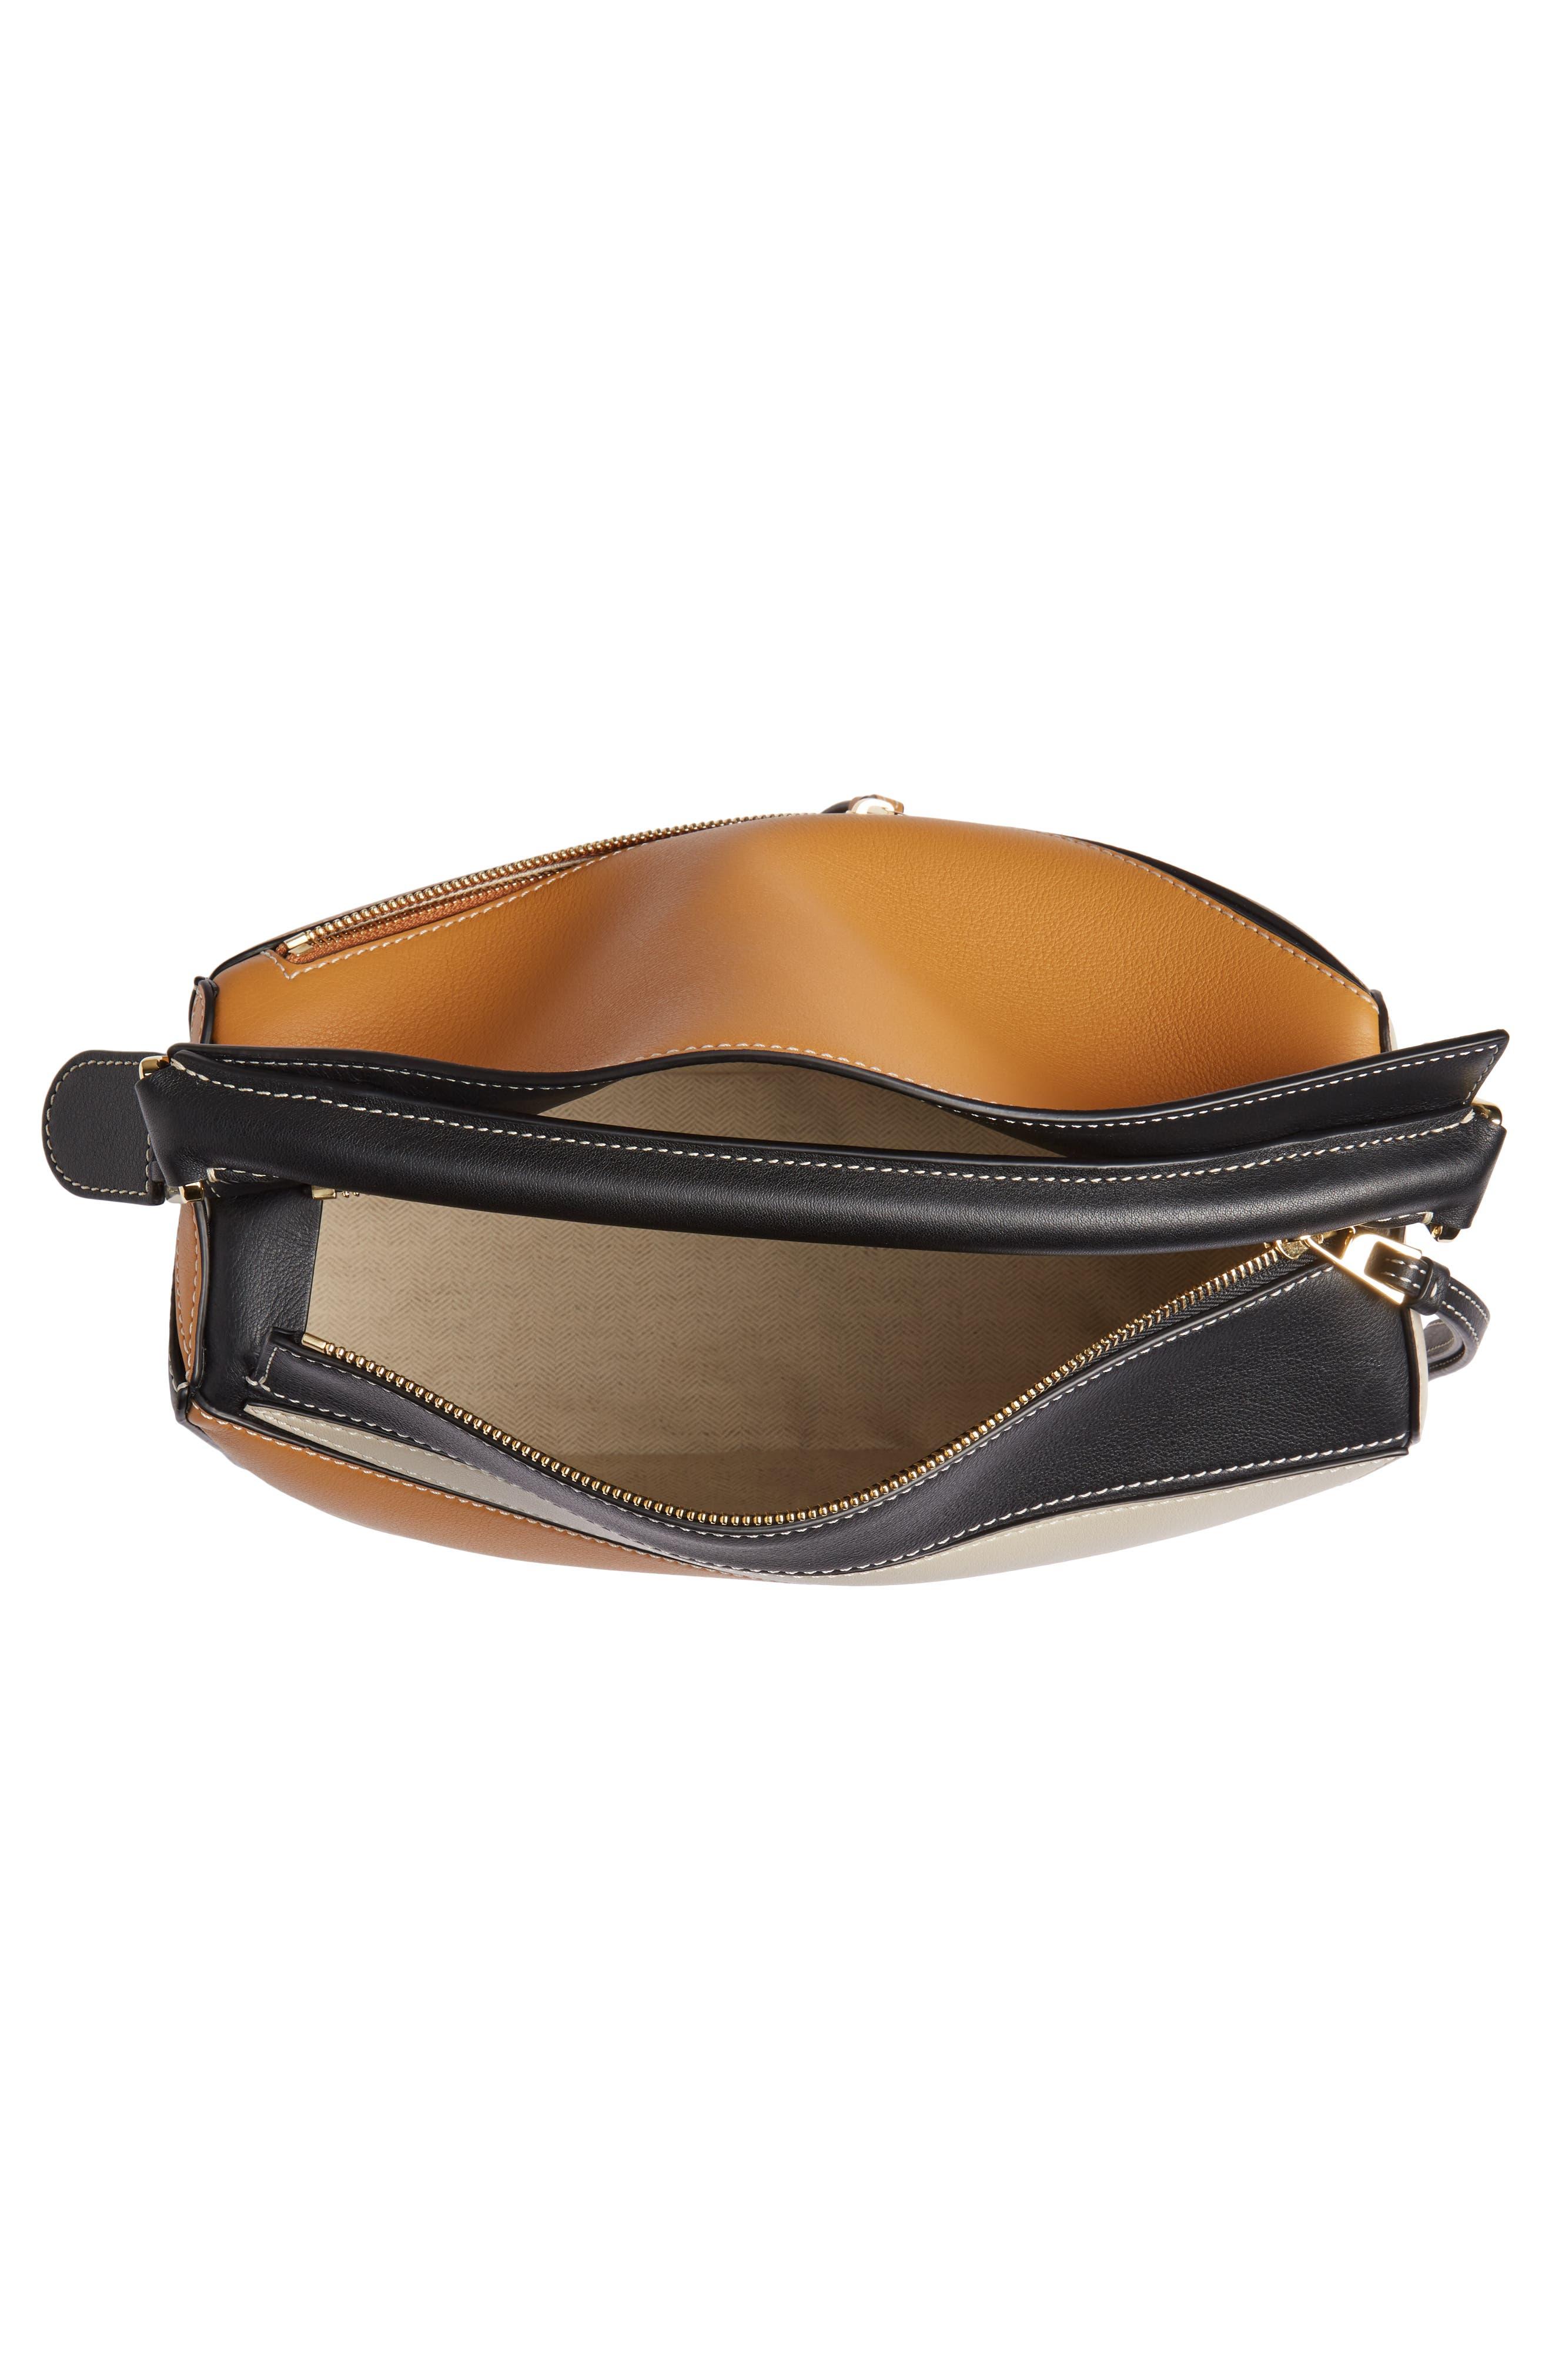 LOEWE,                             Puzzle Calfskin Leather Shoulder Bag,                             Alternate thumbnail 5, color,                             AMBER/ LIGHT OAT